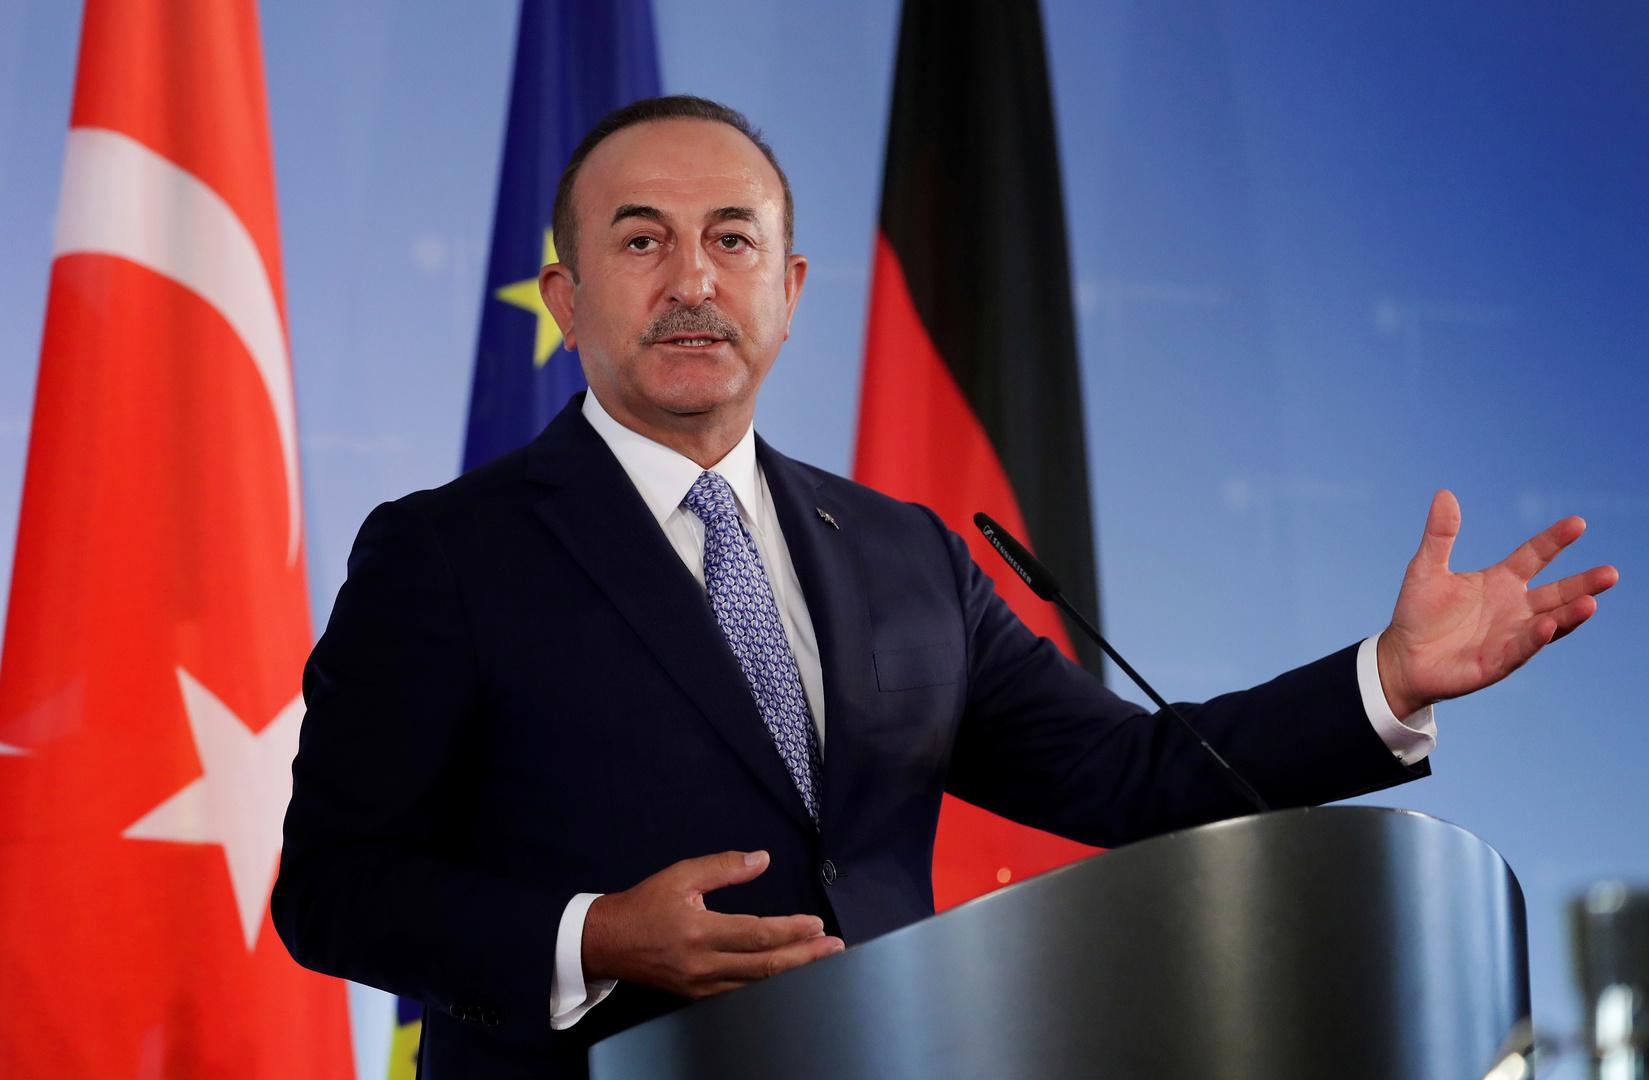 وزير الخارجية التركي مولود تشاووش أوغلو في زيارة إلى ألمانيا، أرشيف